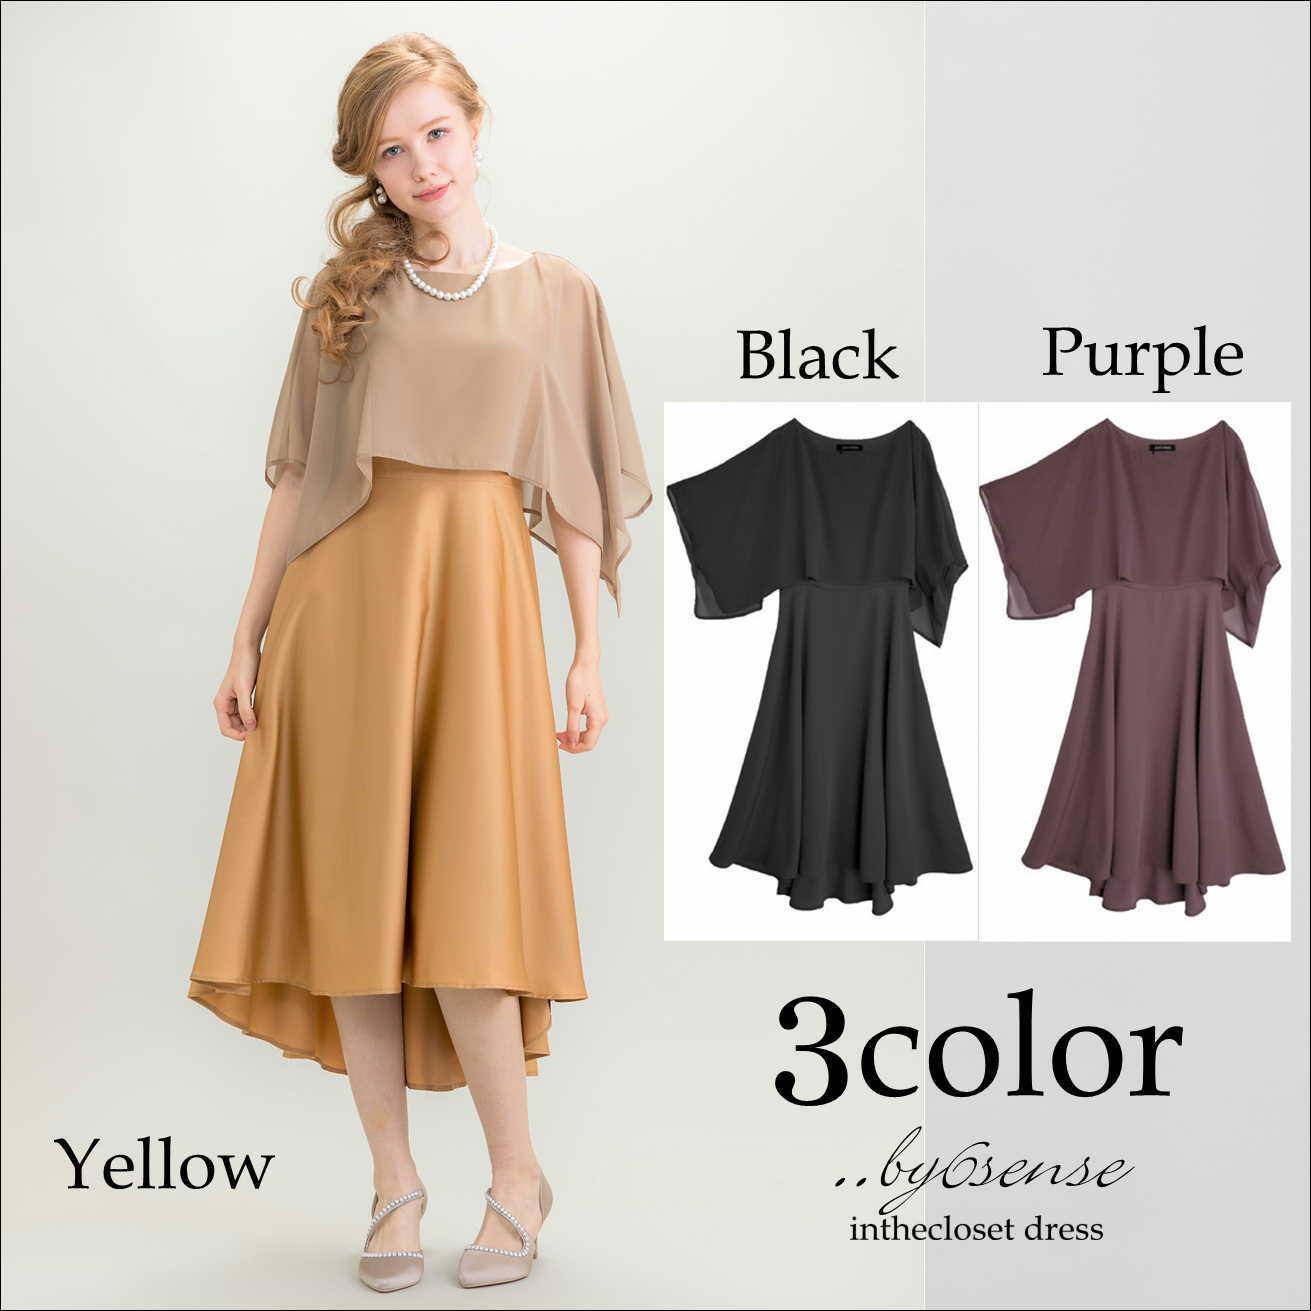 ケープワンピース《日本製》オケージョンワンピースドレス 3色展開  送料無料ドレス